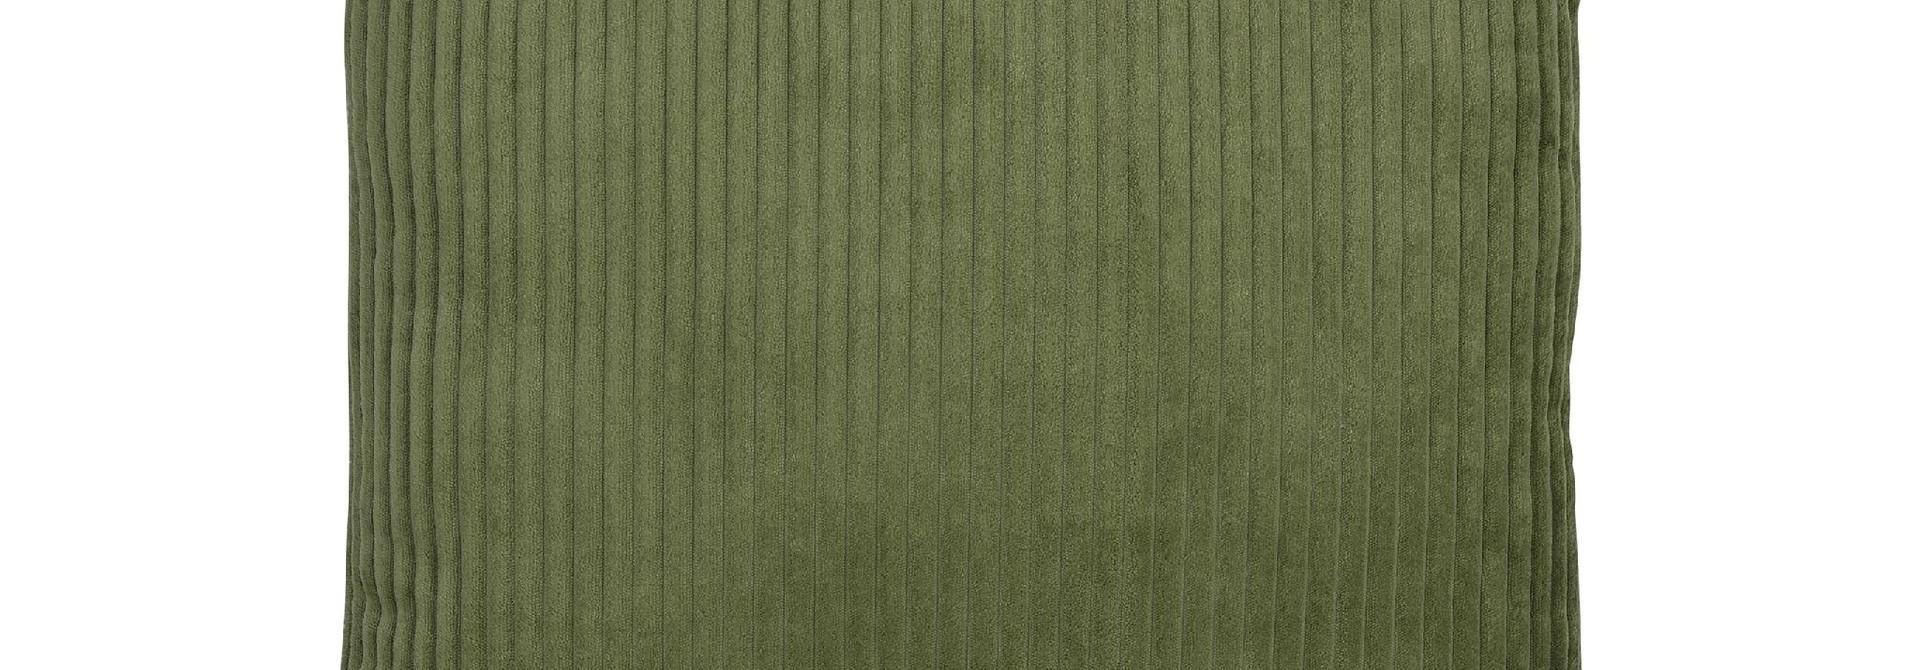 Kussen Green Corduroy Velvet - 45 x 45 cm